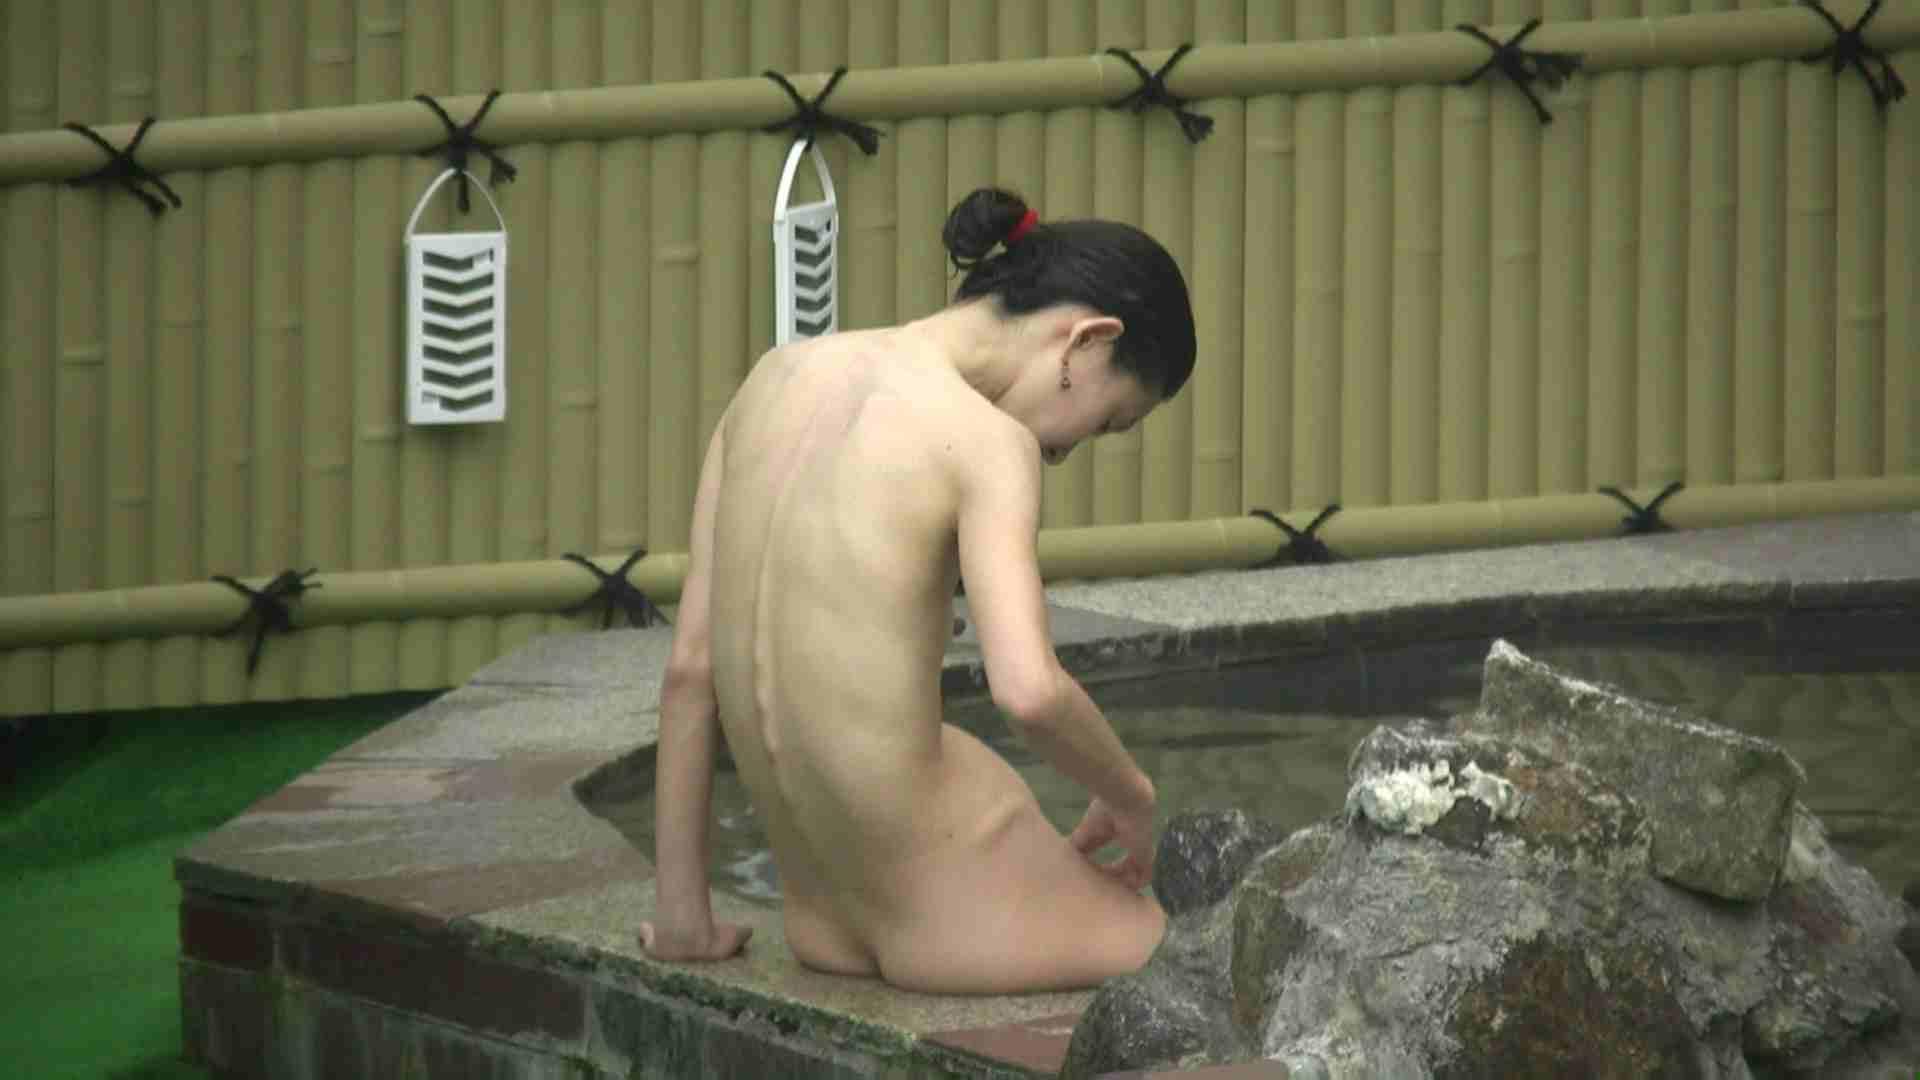 高画質露天女風呂観察 vol.031 高画質 性交動画流出 104PIX 62